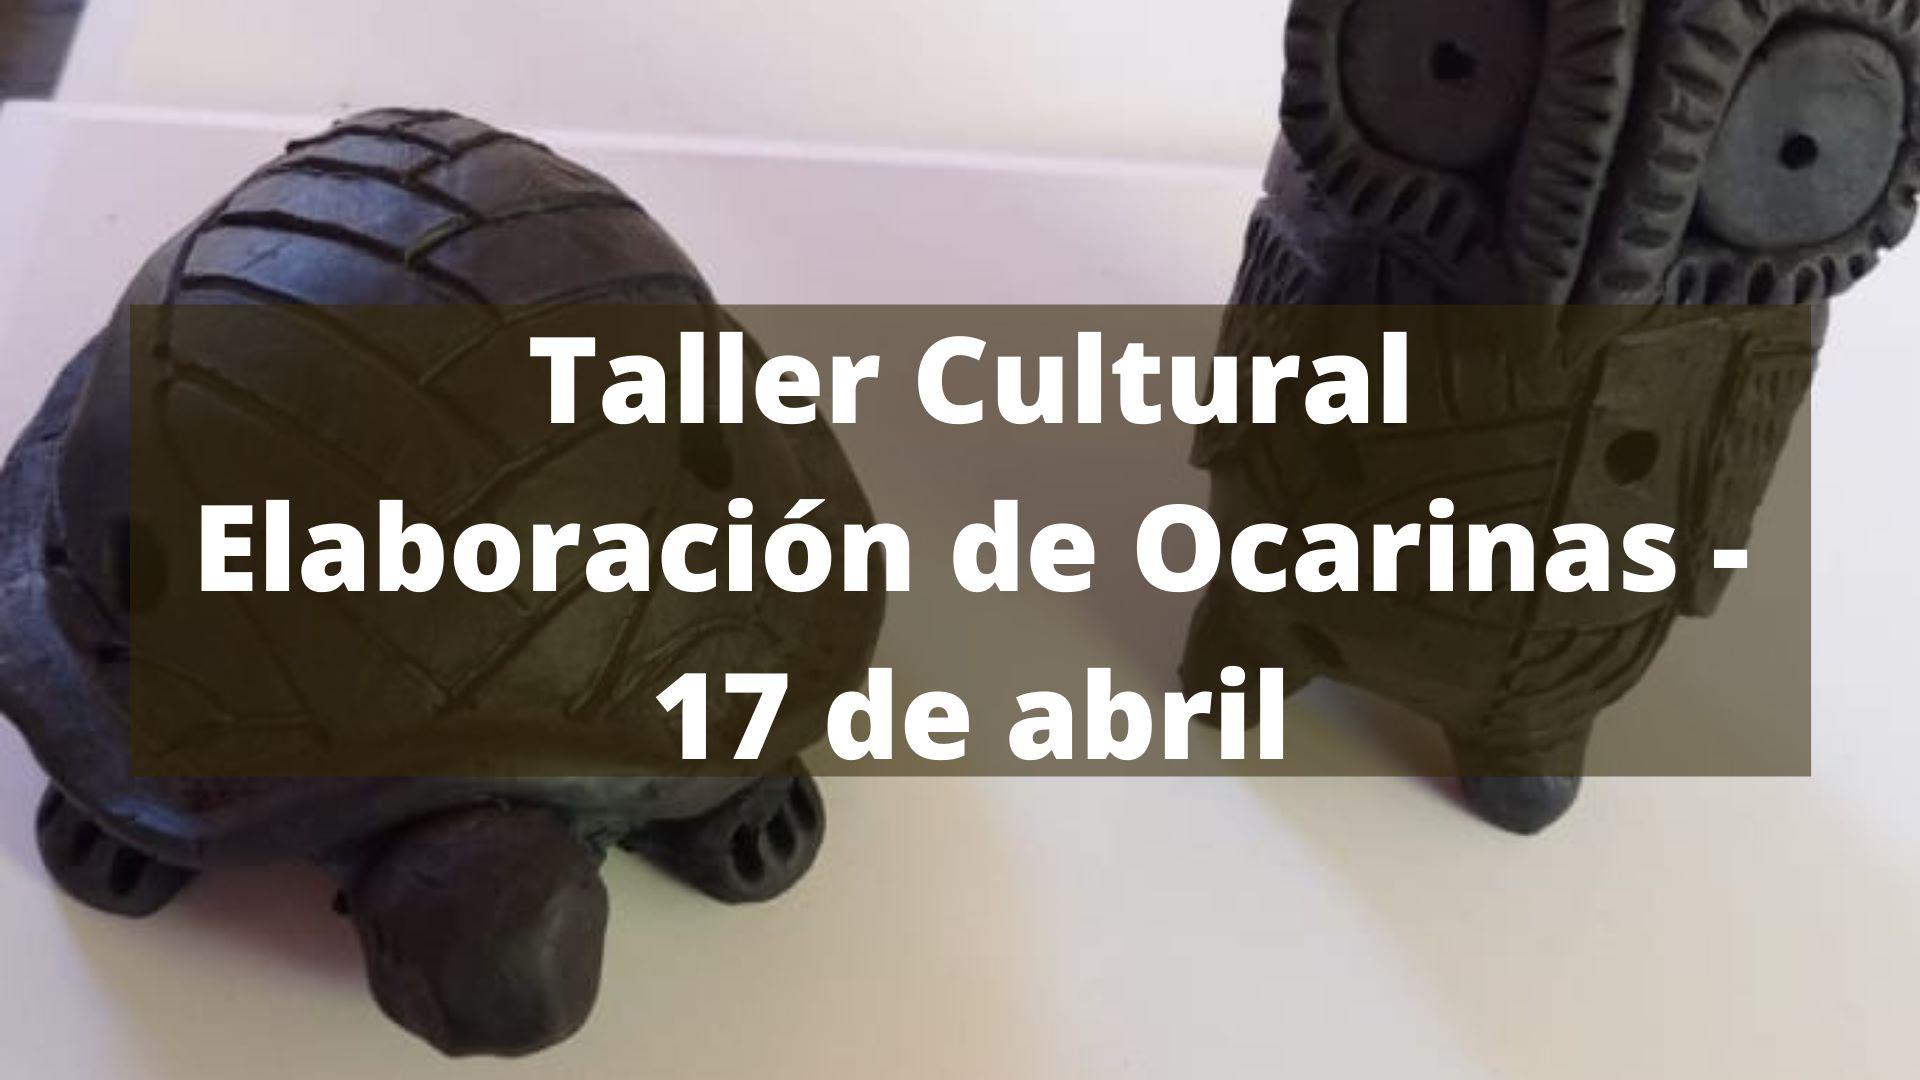 Taller Cultural: Elaboración de Ocarinas